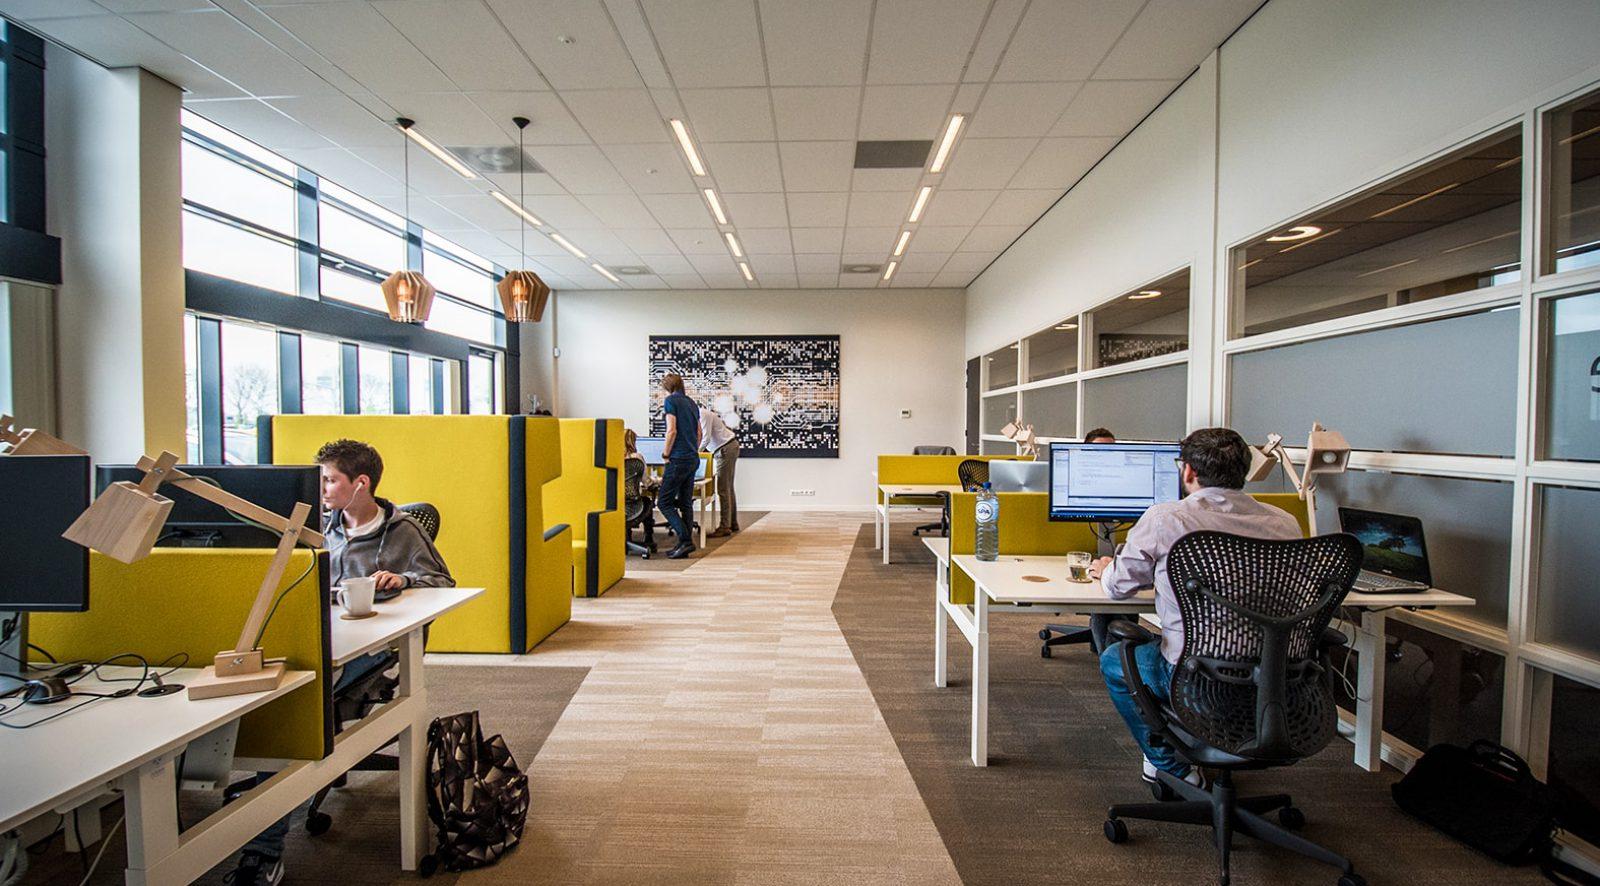 Kantoor huren Alphen aan den Rijn | Crown Business Center Alphen aan den Rijn